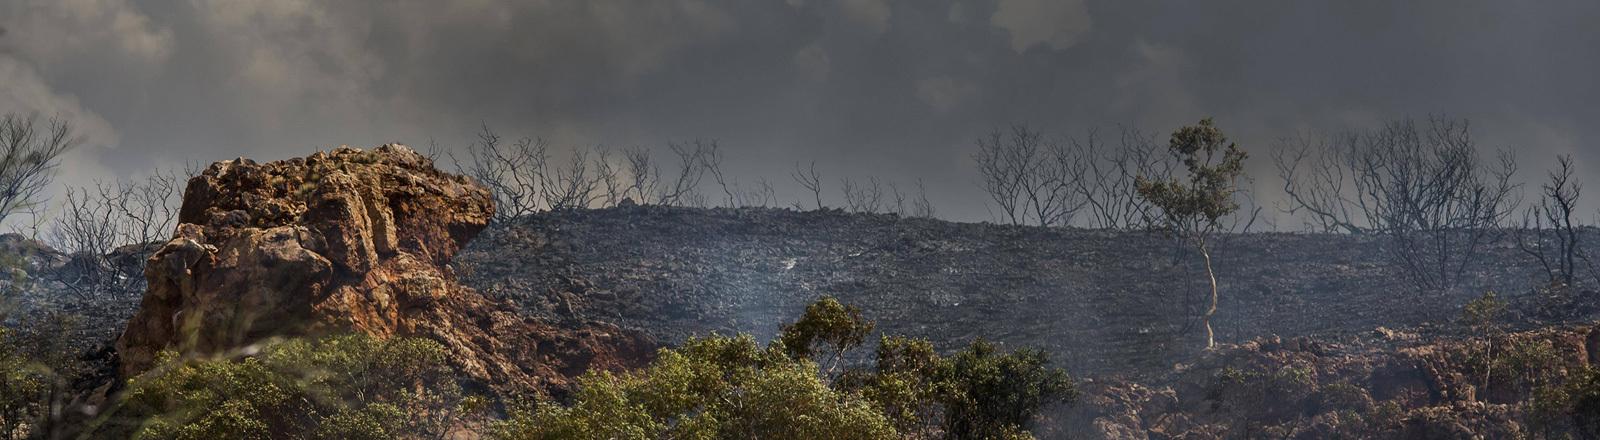 Buschbrände in Australien. Foto vom 21.1.2019